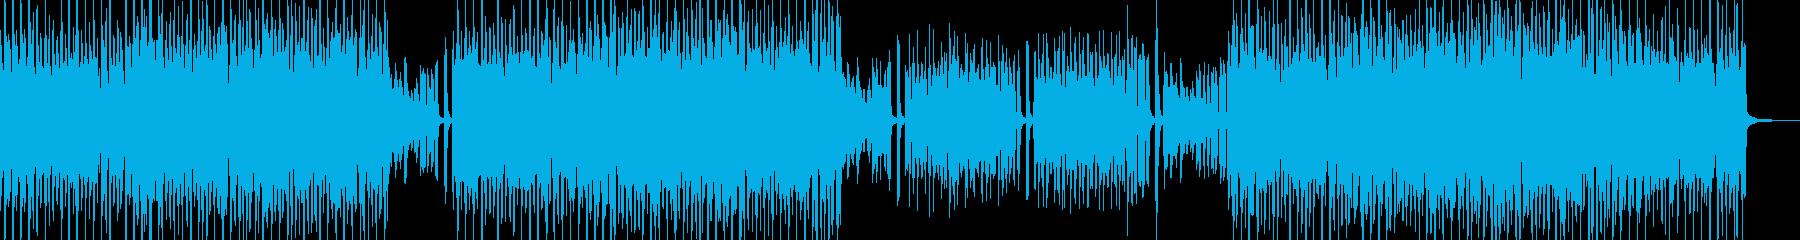 シンプル・フルート&打楽器スィングポップの再生済みの波形